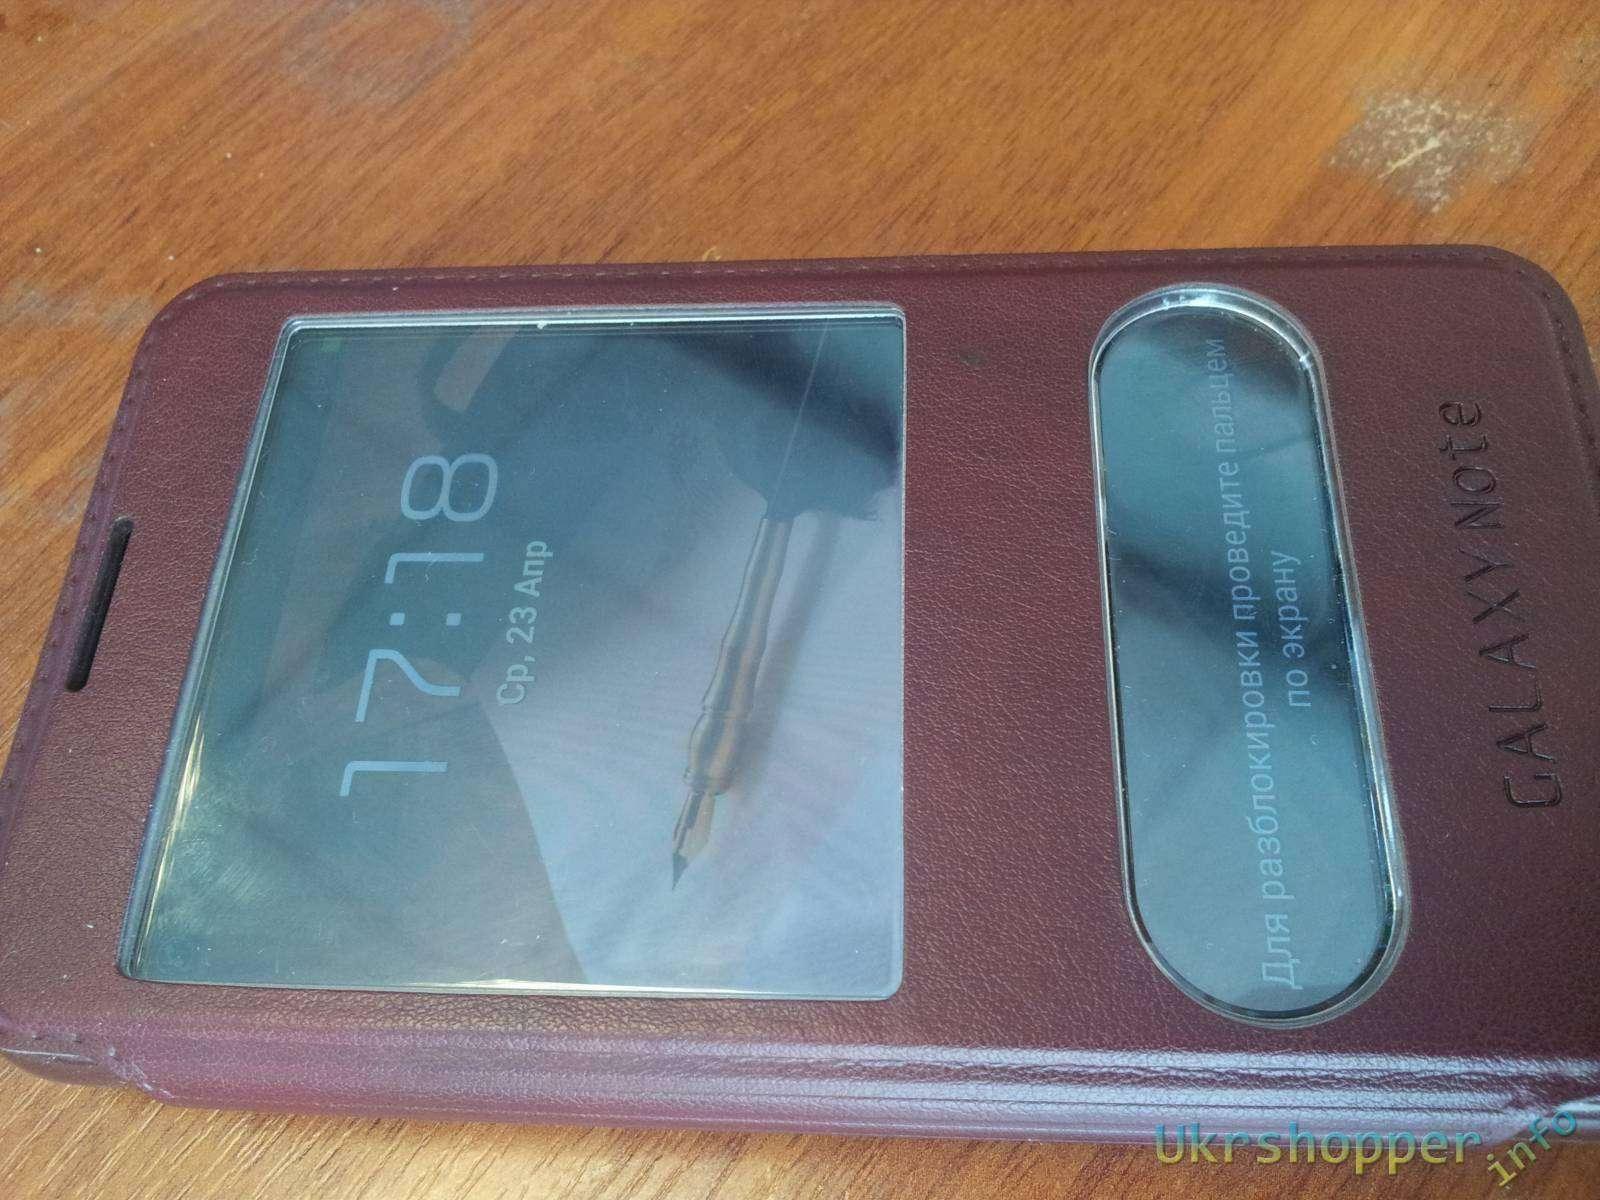 Aliexpress: Чехол книжечка для лопаты Samsung Note n7000 с эффектом подставки